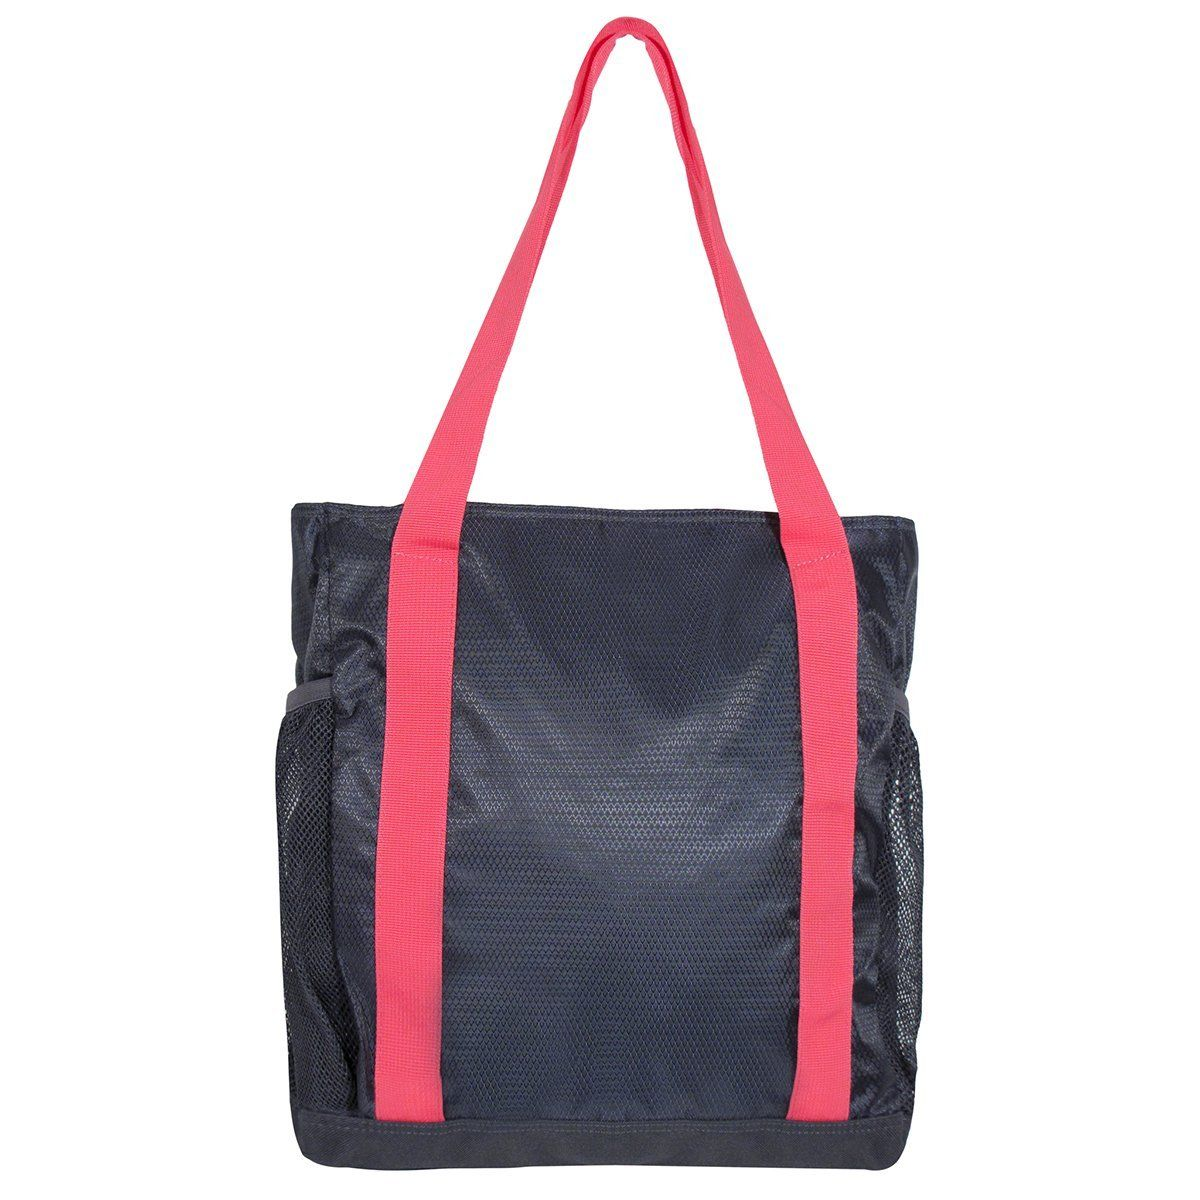 Epokris Waterproof Sport Gym Travel Tote Bags Duffels